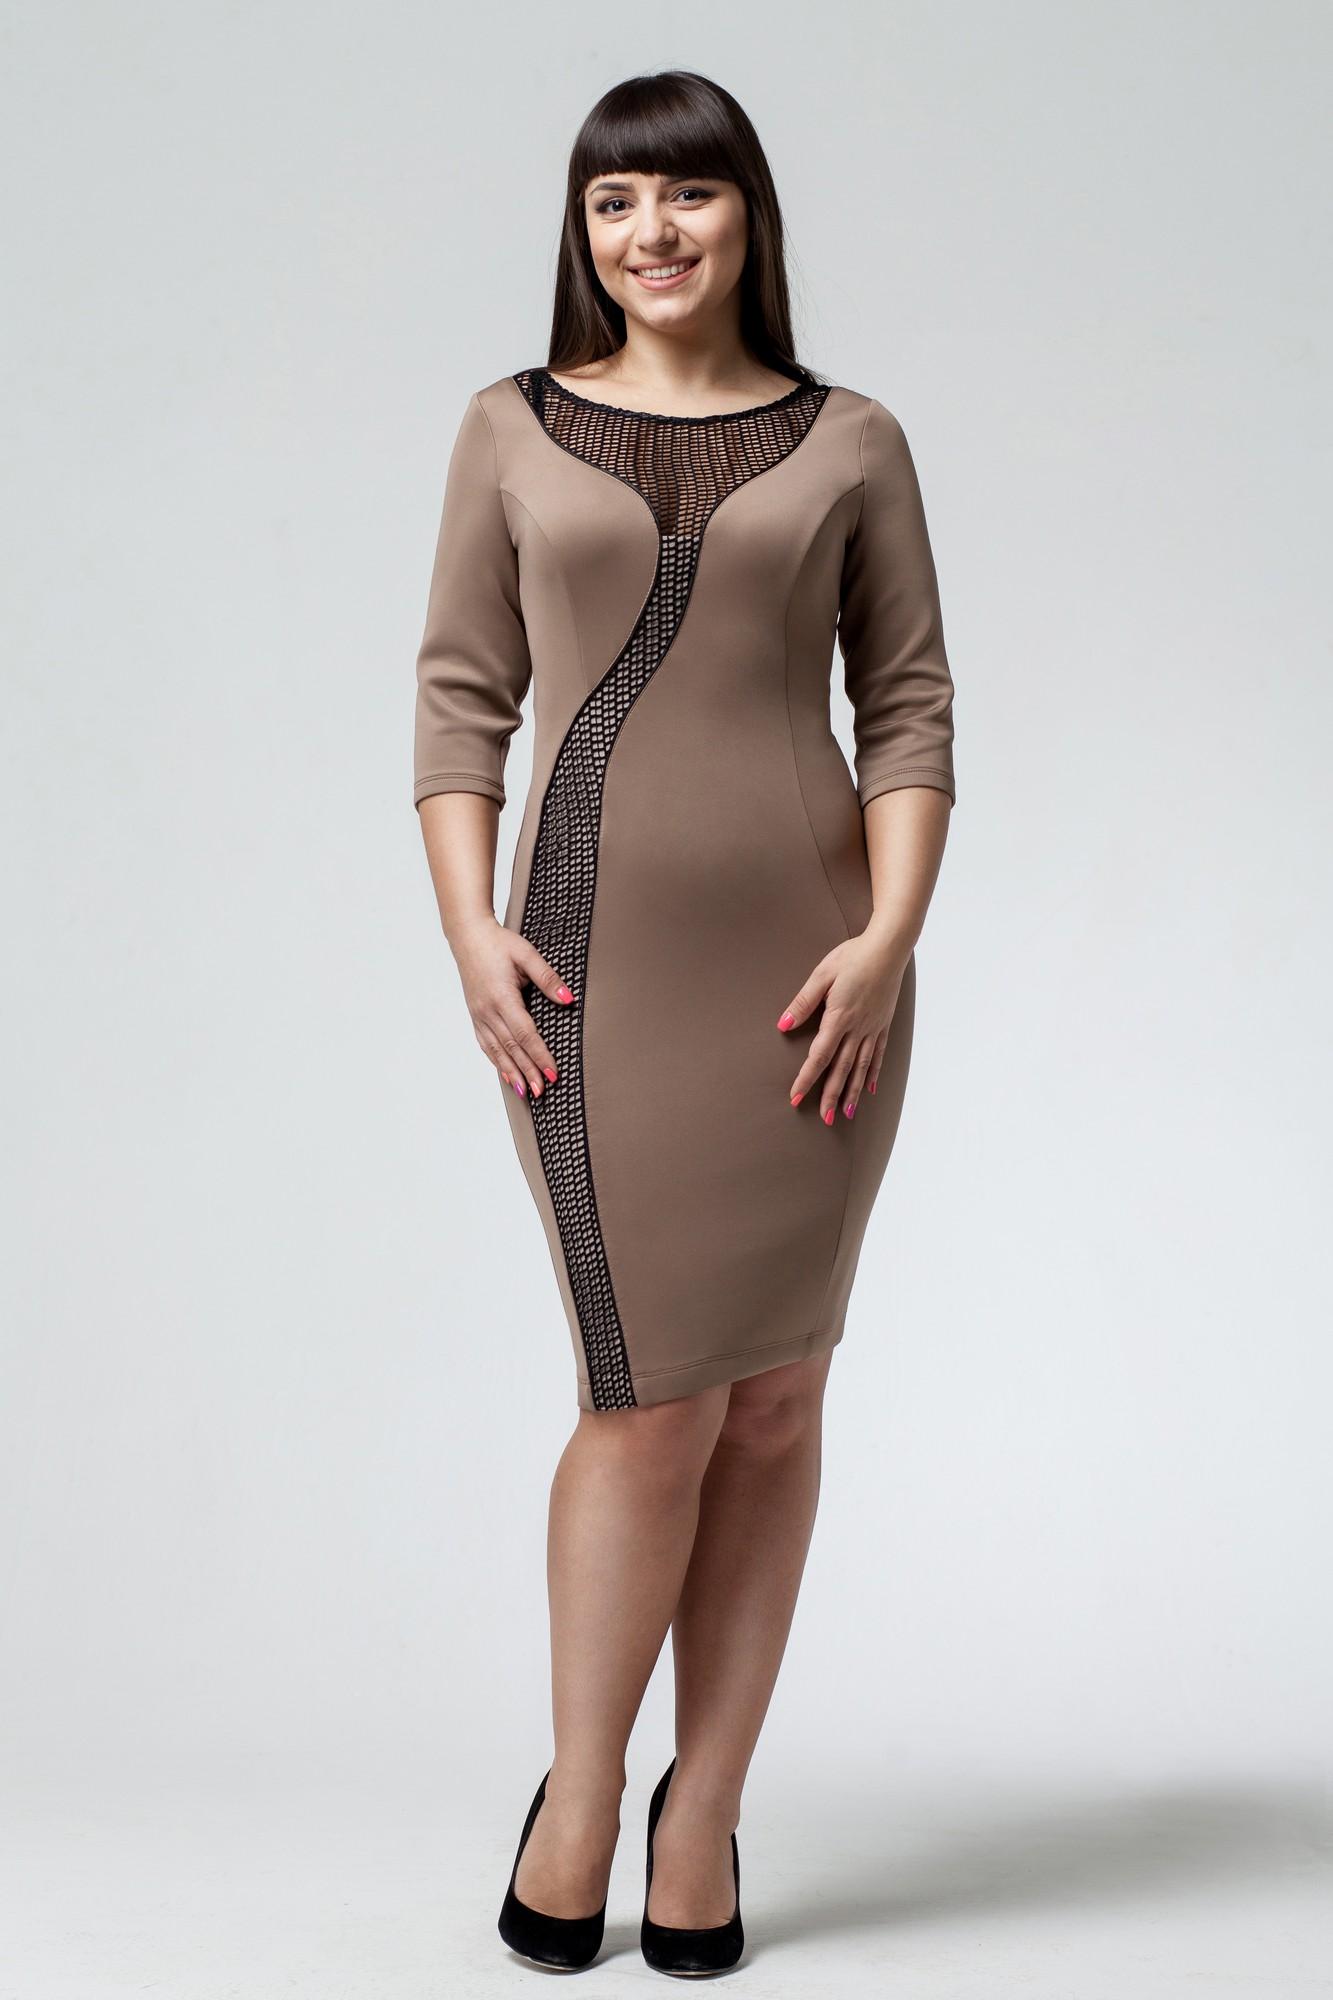 роскошно платья рика маре фото только уф, немного